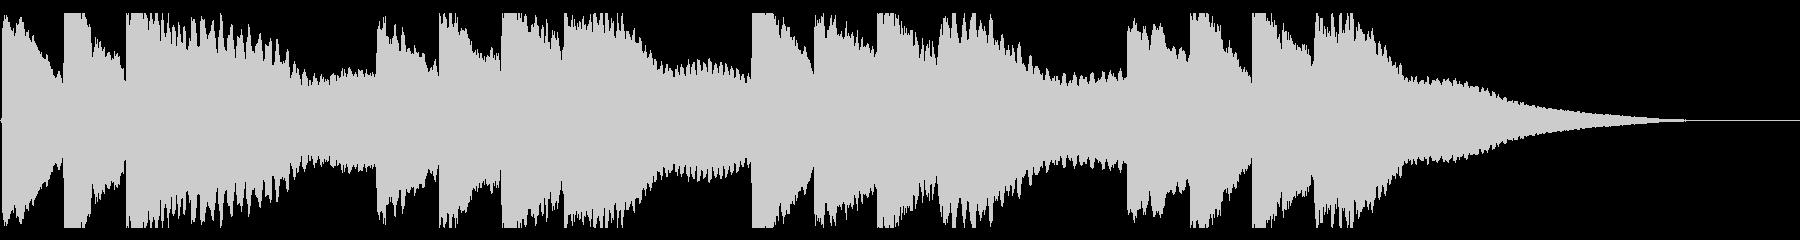 学校のチャイム-2_revの未再生の波形